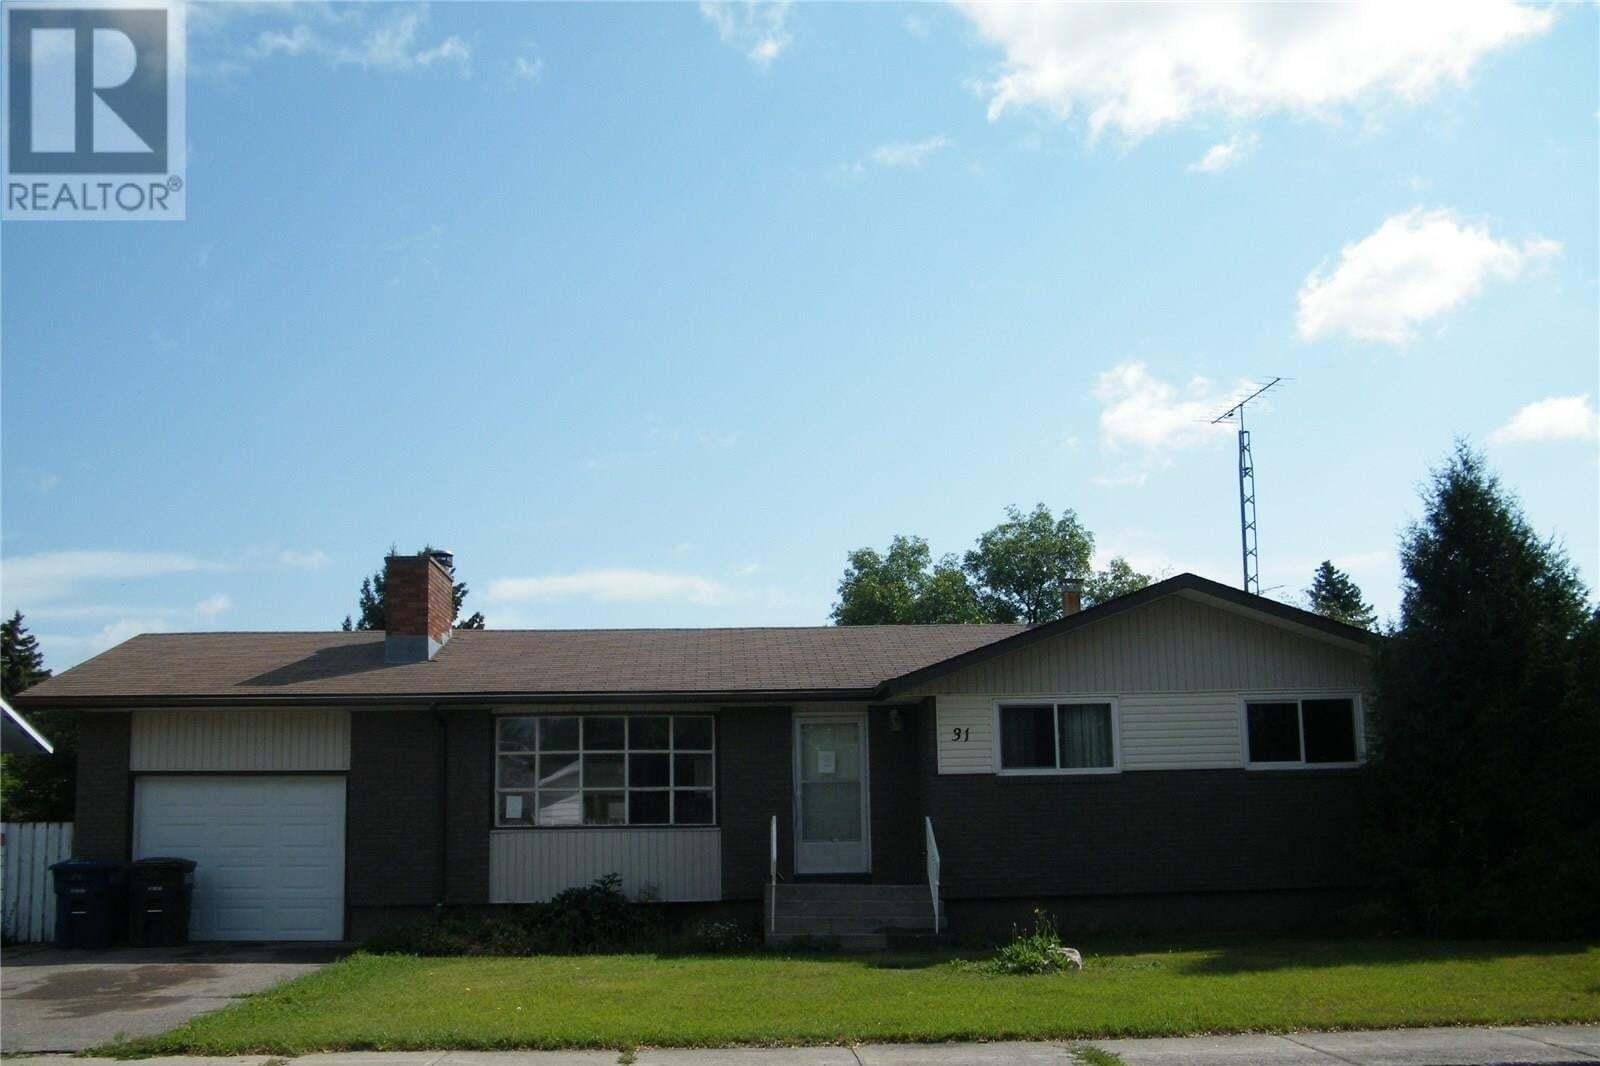 House for sale at 31 King Cres Humboldt Saskatchewan - MLS: SK830326